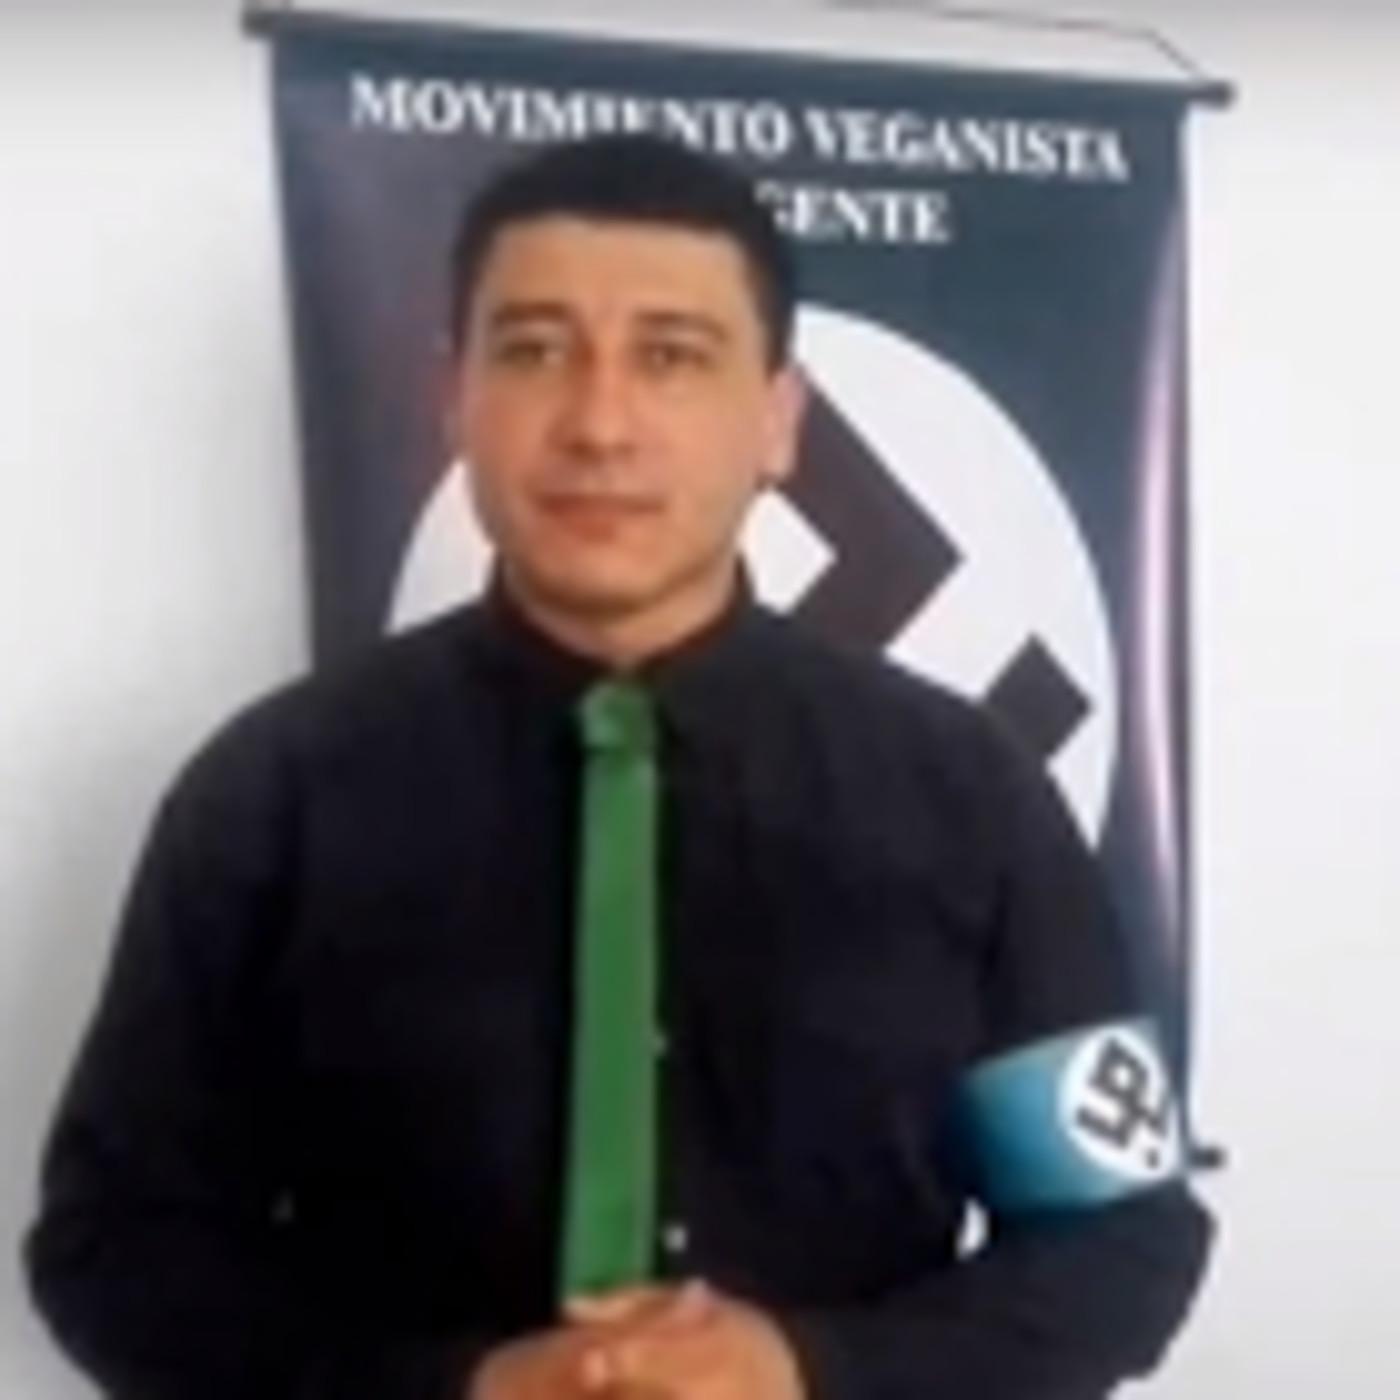 Movimiento Veganista Colombia